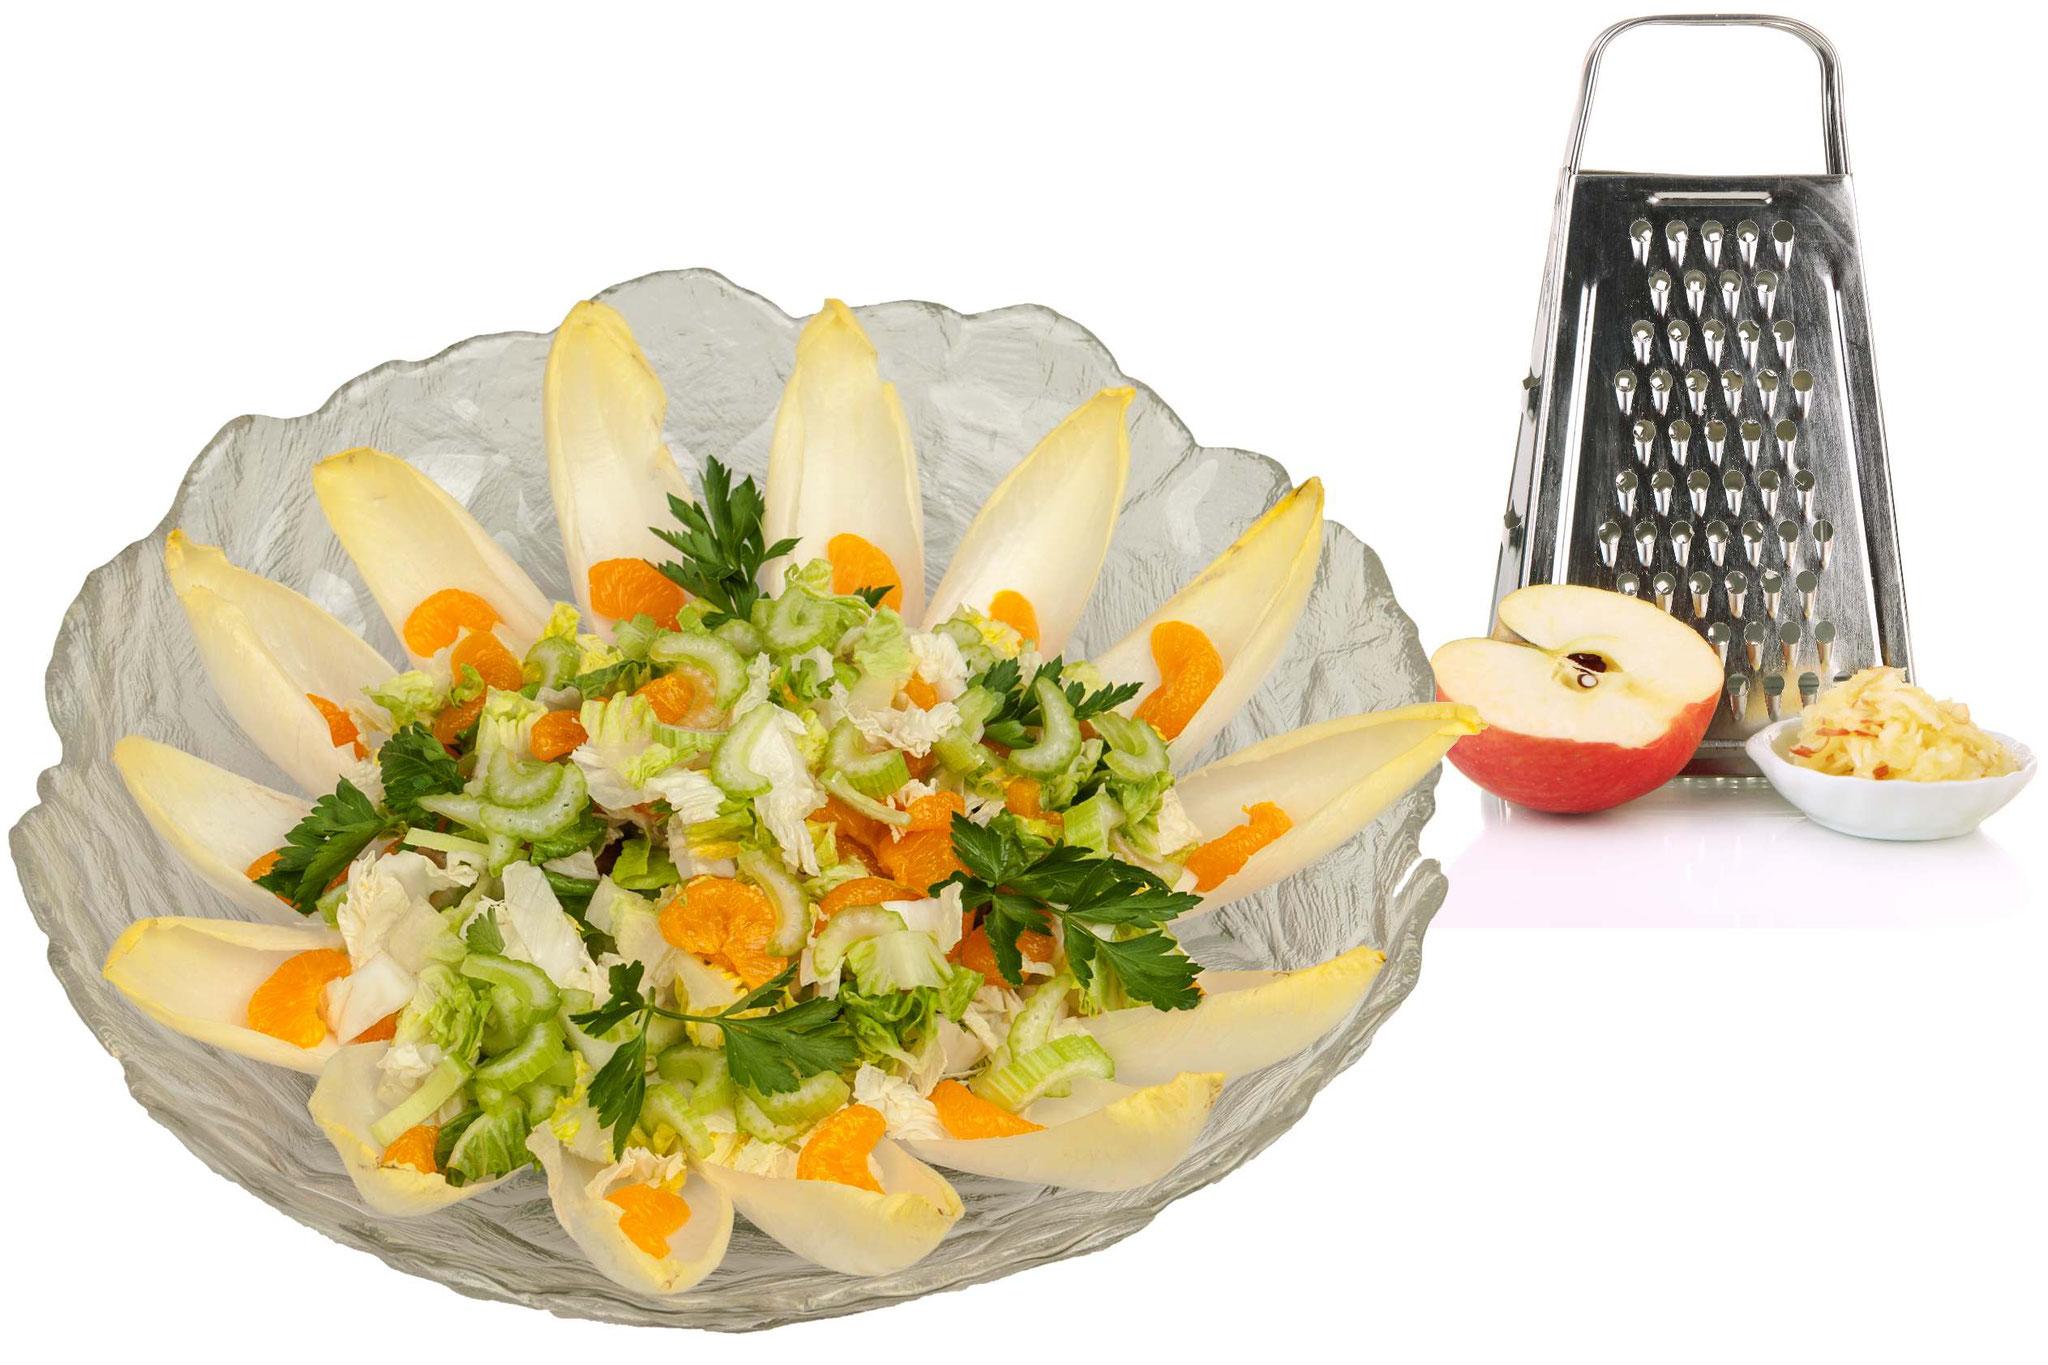 Süßer Salat mit Früchten